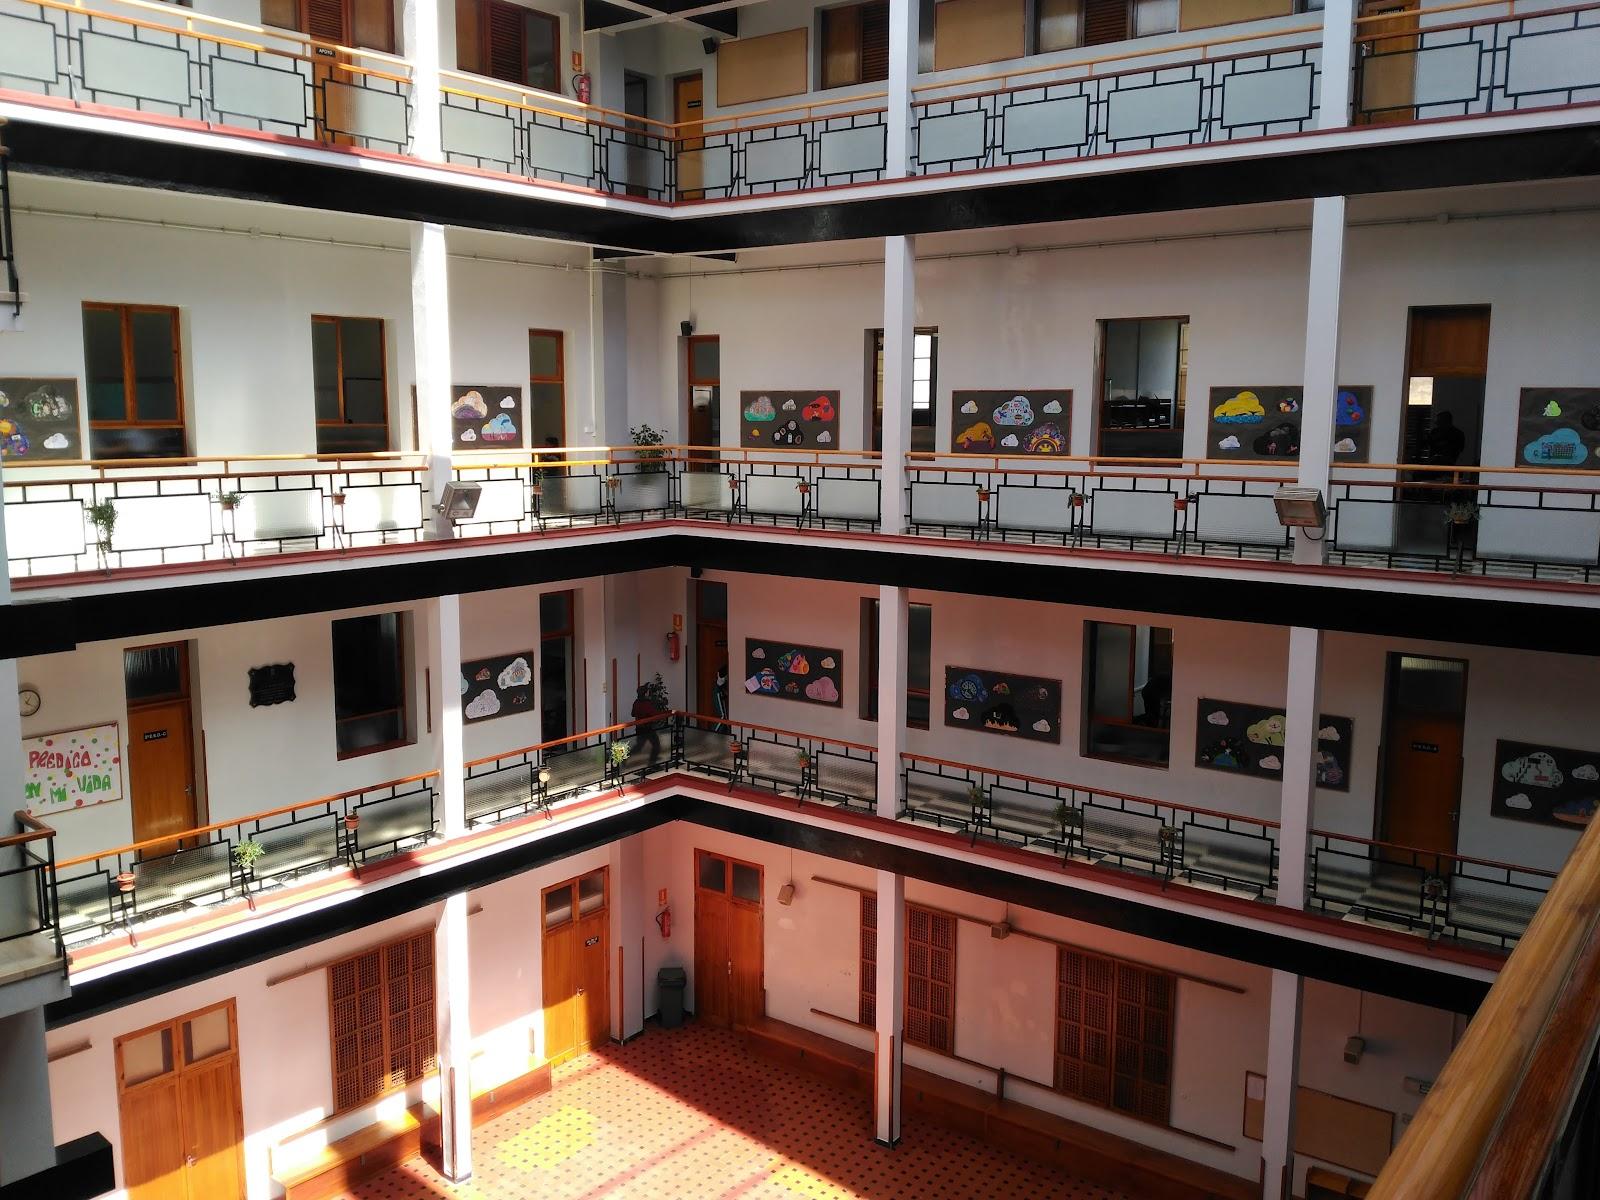 Colegio San José Dominicas: Colegio San José Dominicas: San José 2017: Dentro